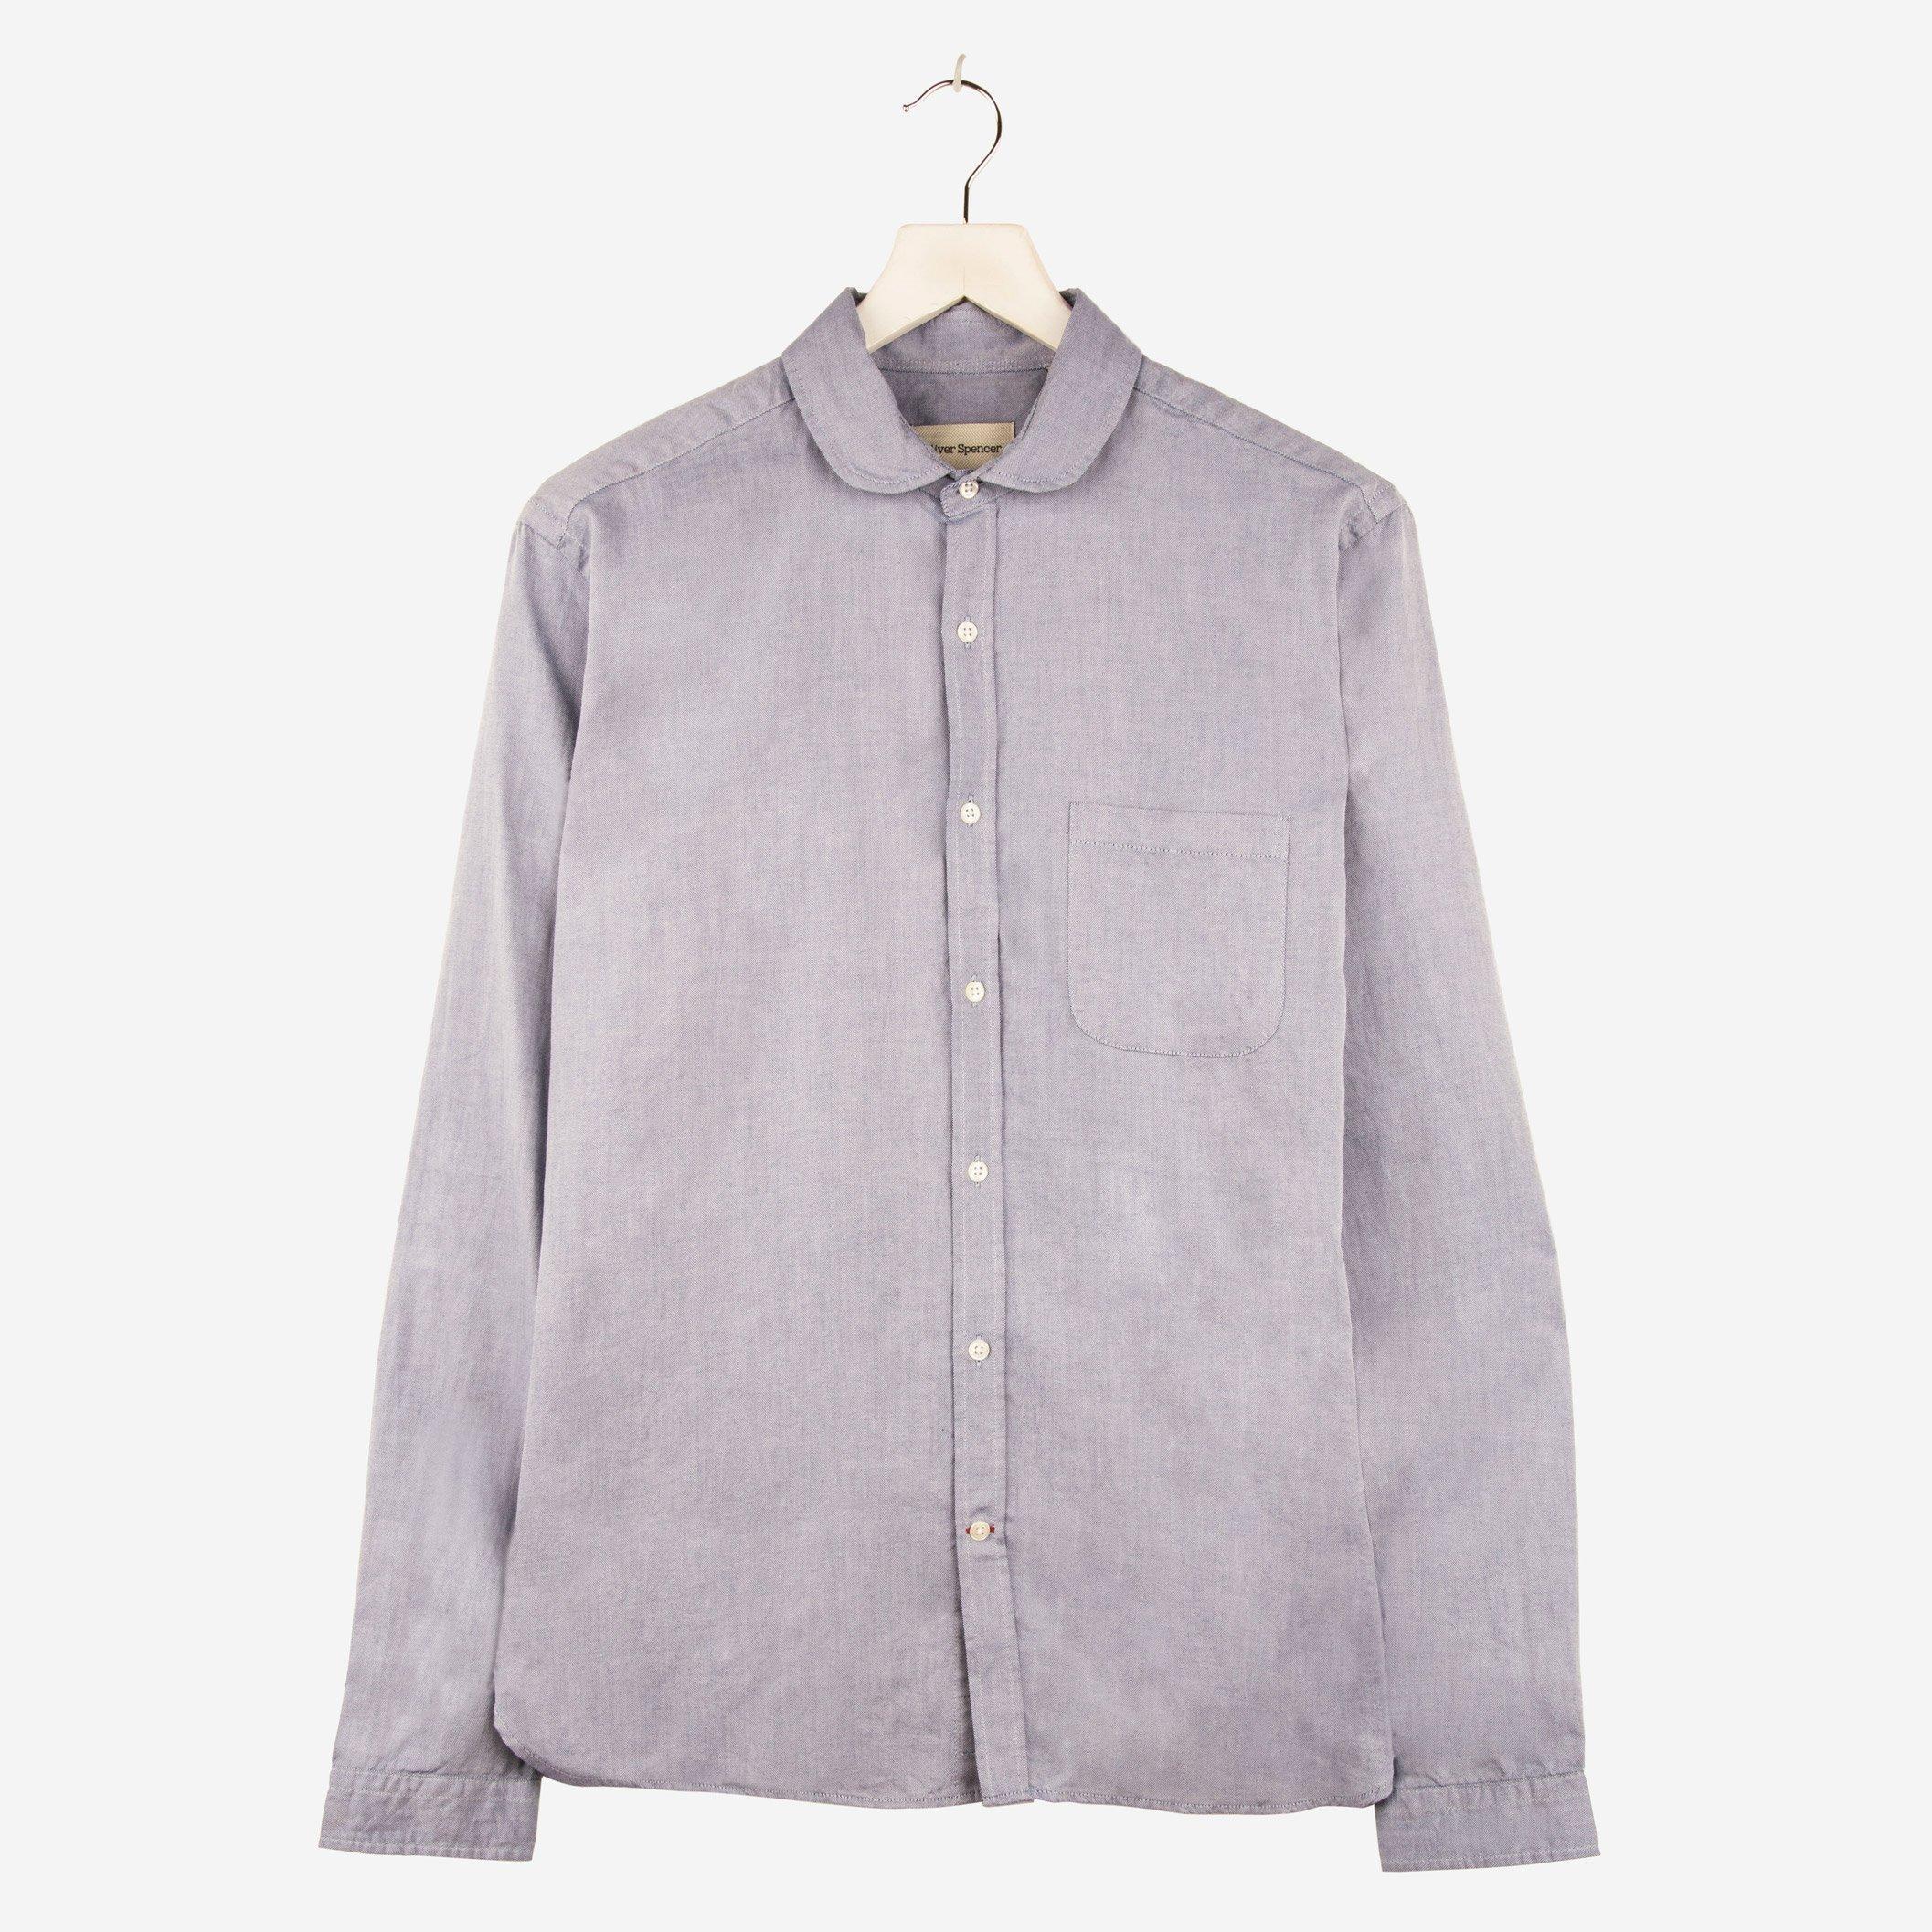 Oliver Spencer Eton Collar Shirt Astley Blue